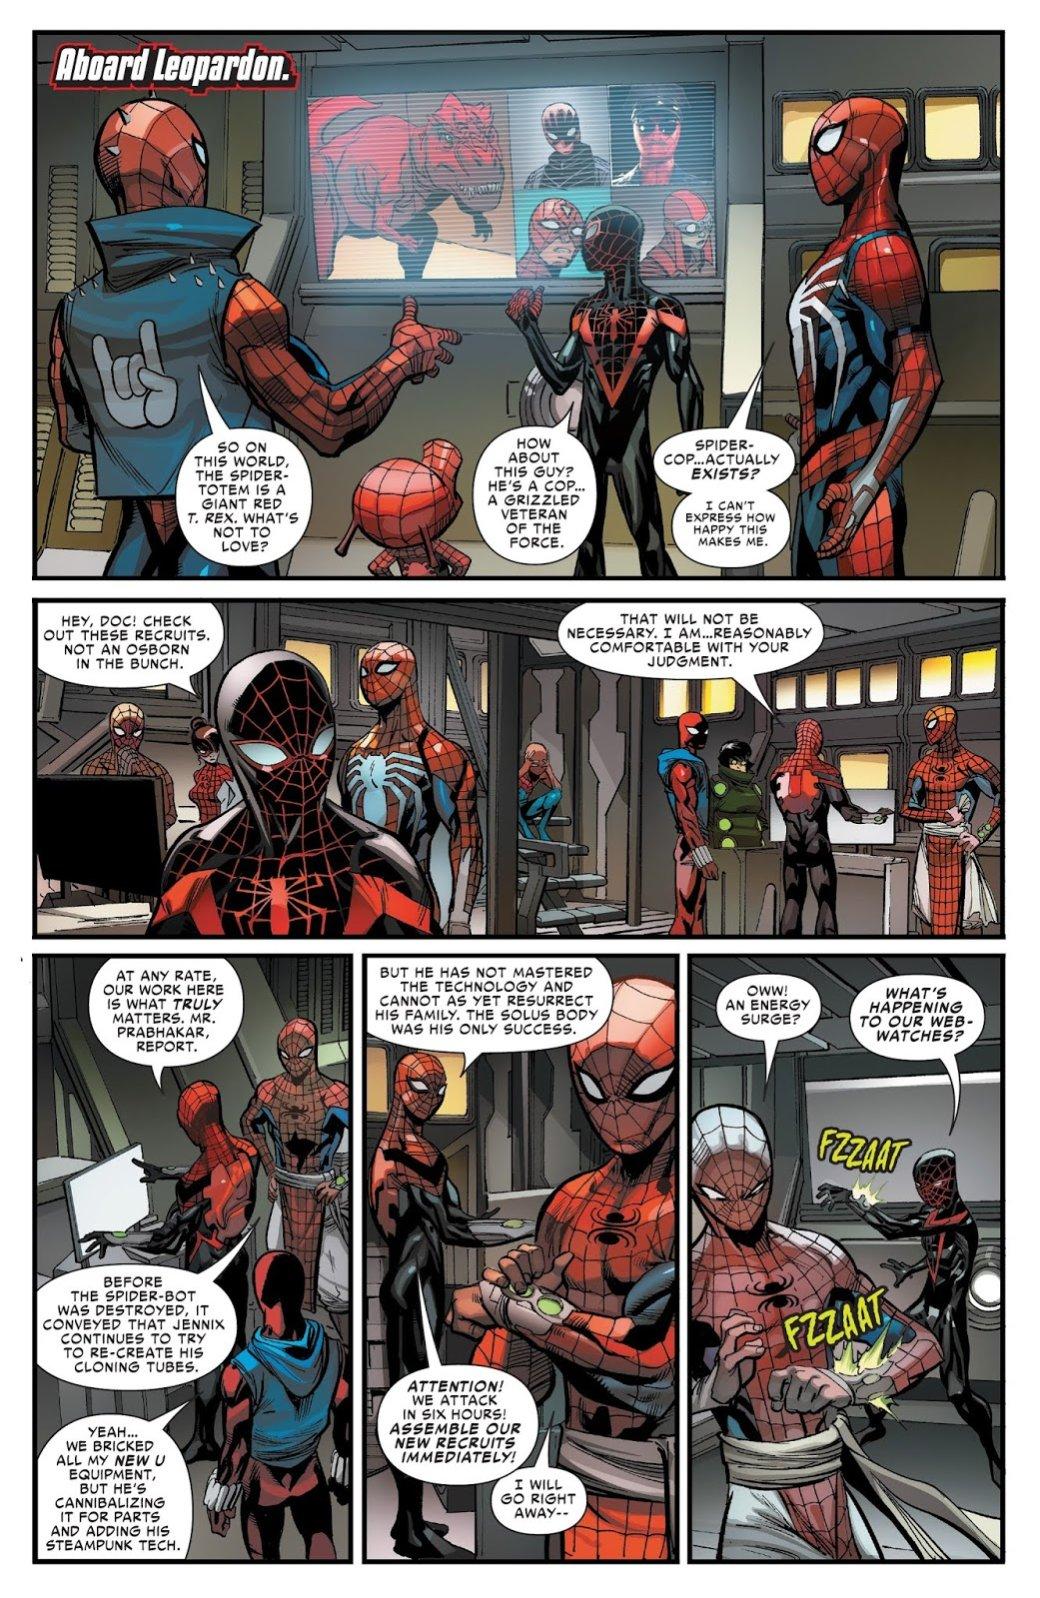 Коп-Паук изшутки Питера Паркера вSpider-Man для PS4— теперь инастраницах комиксов Marvel | Канобу - Изображение 2